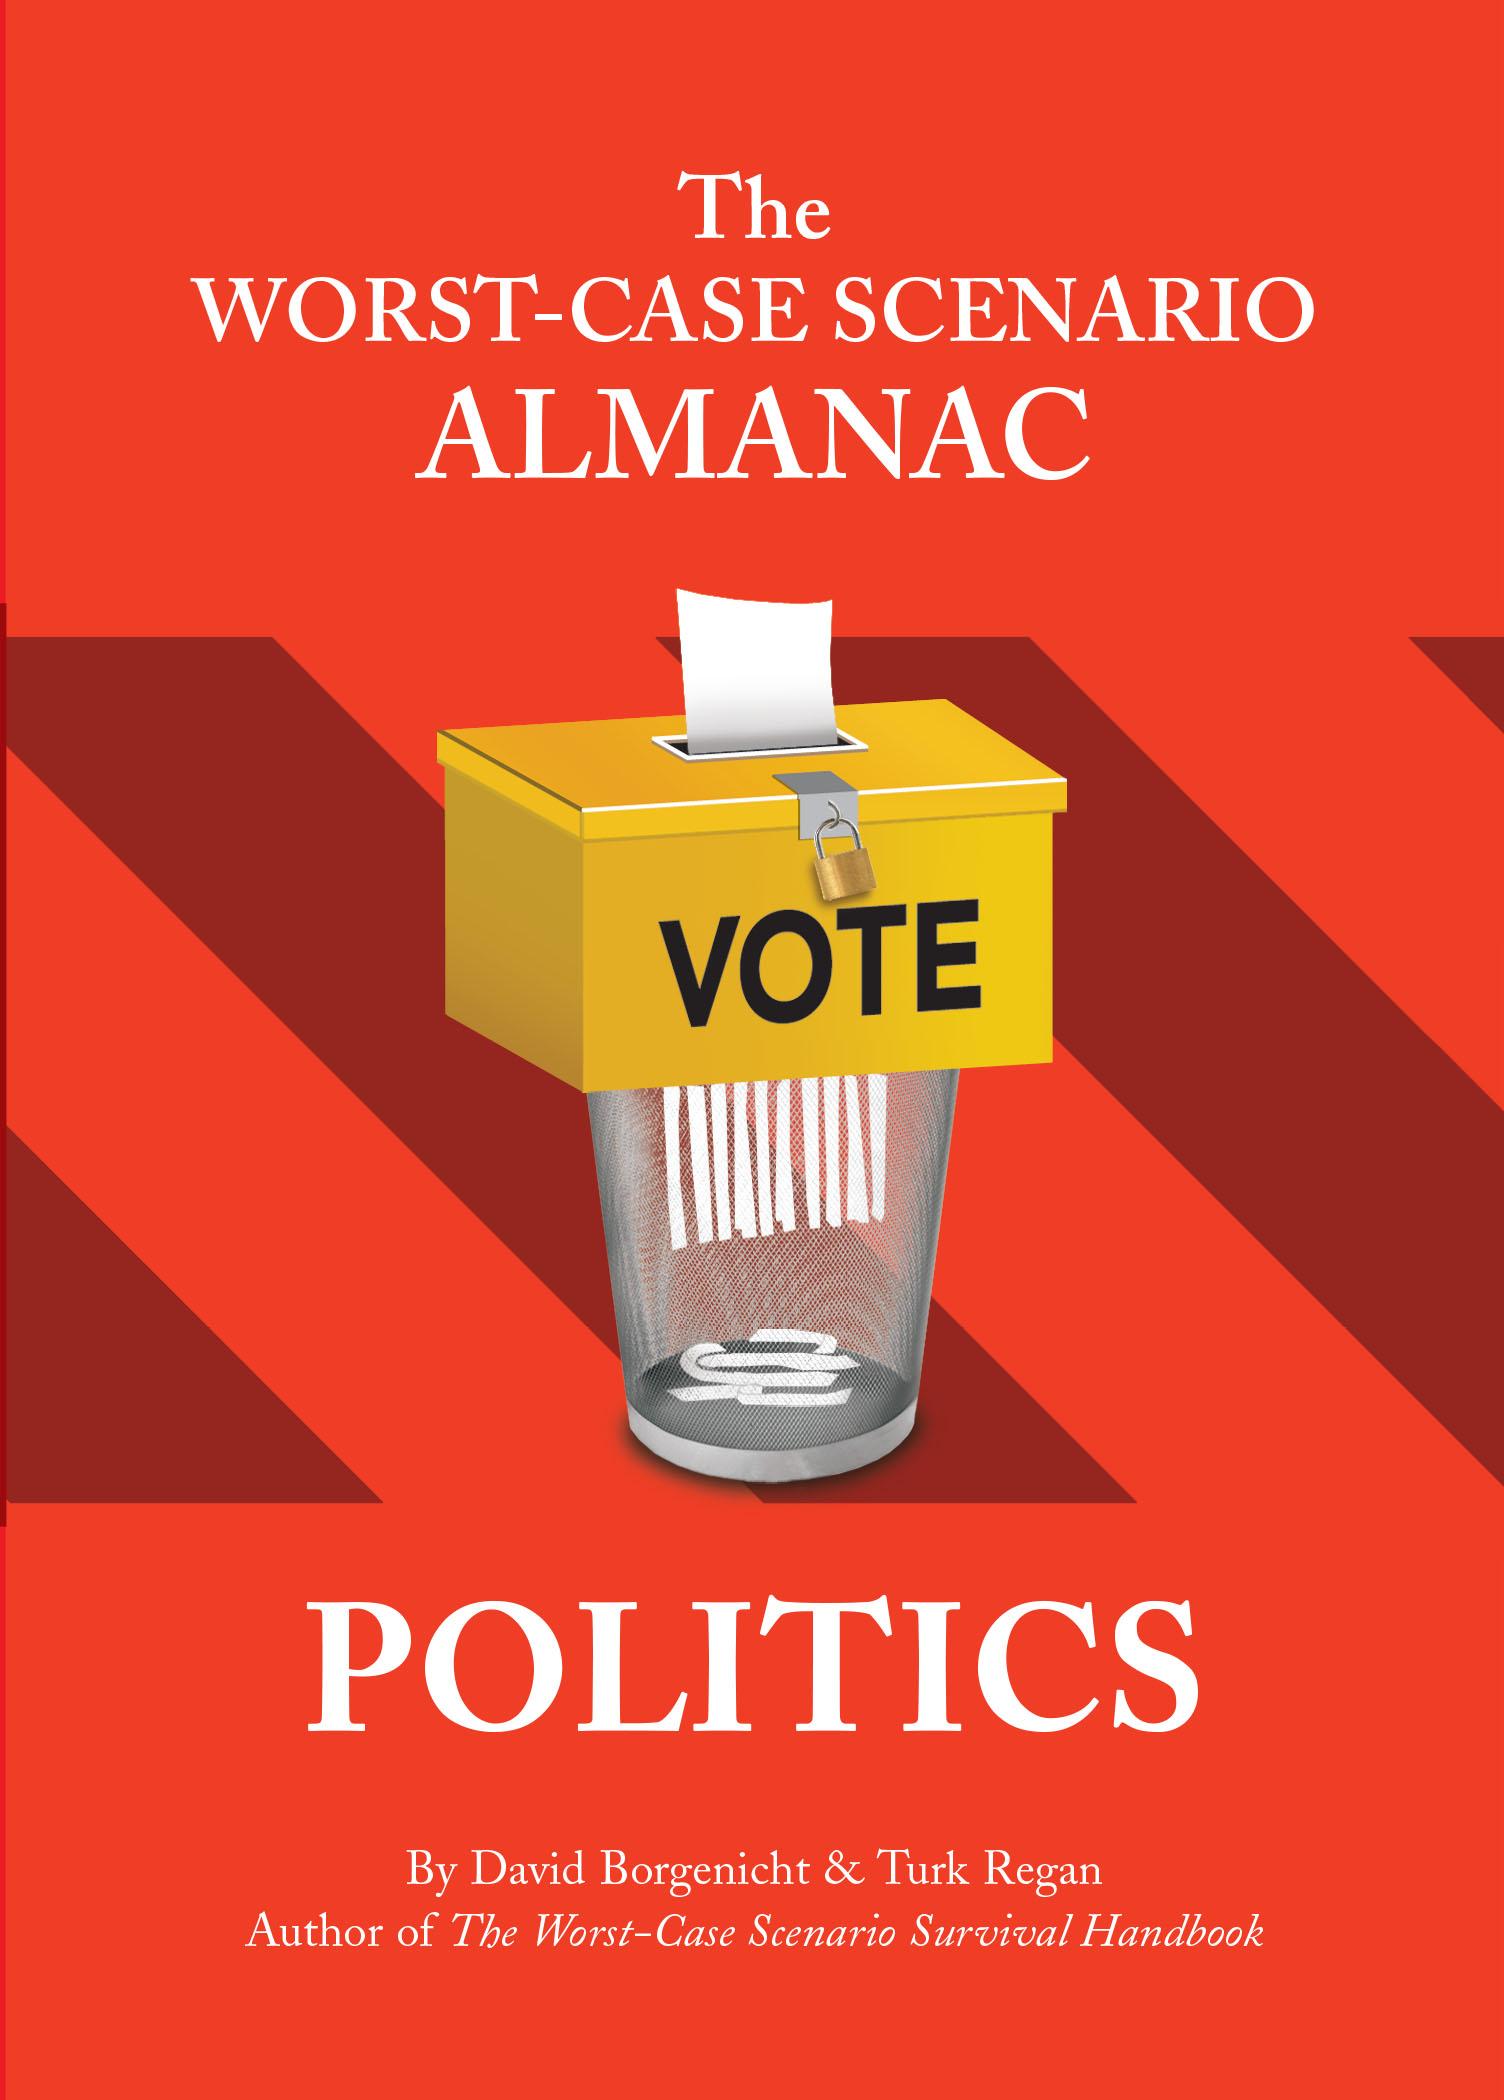 The Worst-Case Scenario Survival Almanac: Politics